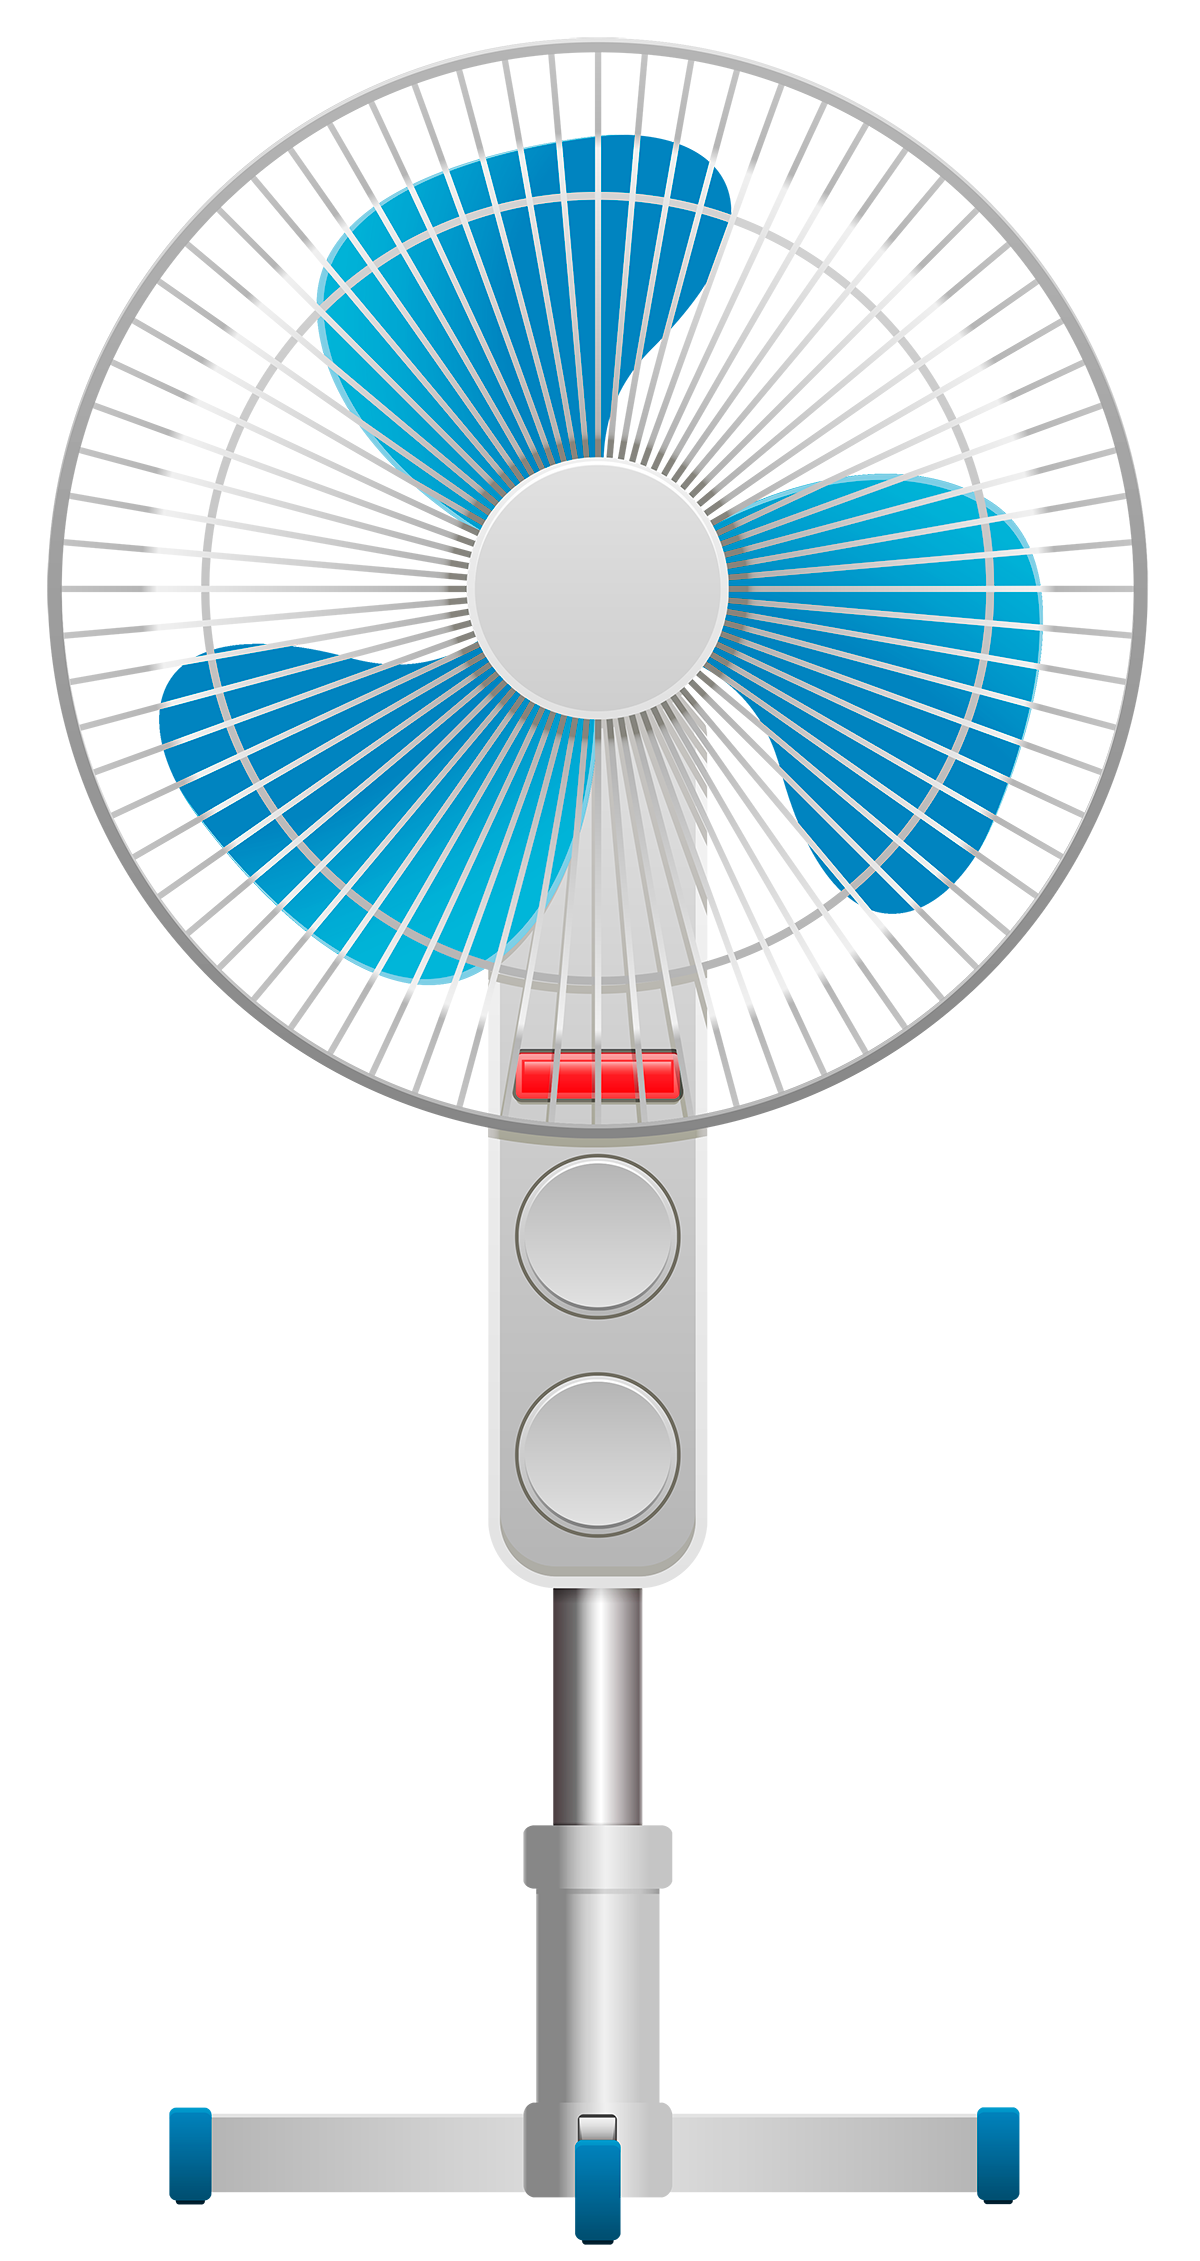 Вентилятор - вентилятор, бытовая техника